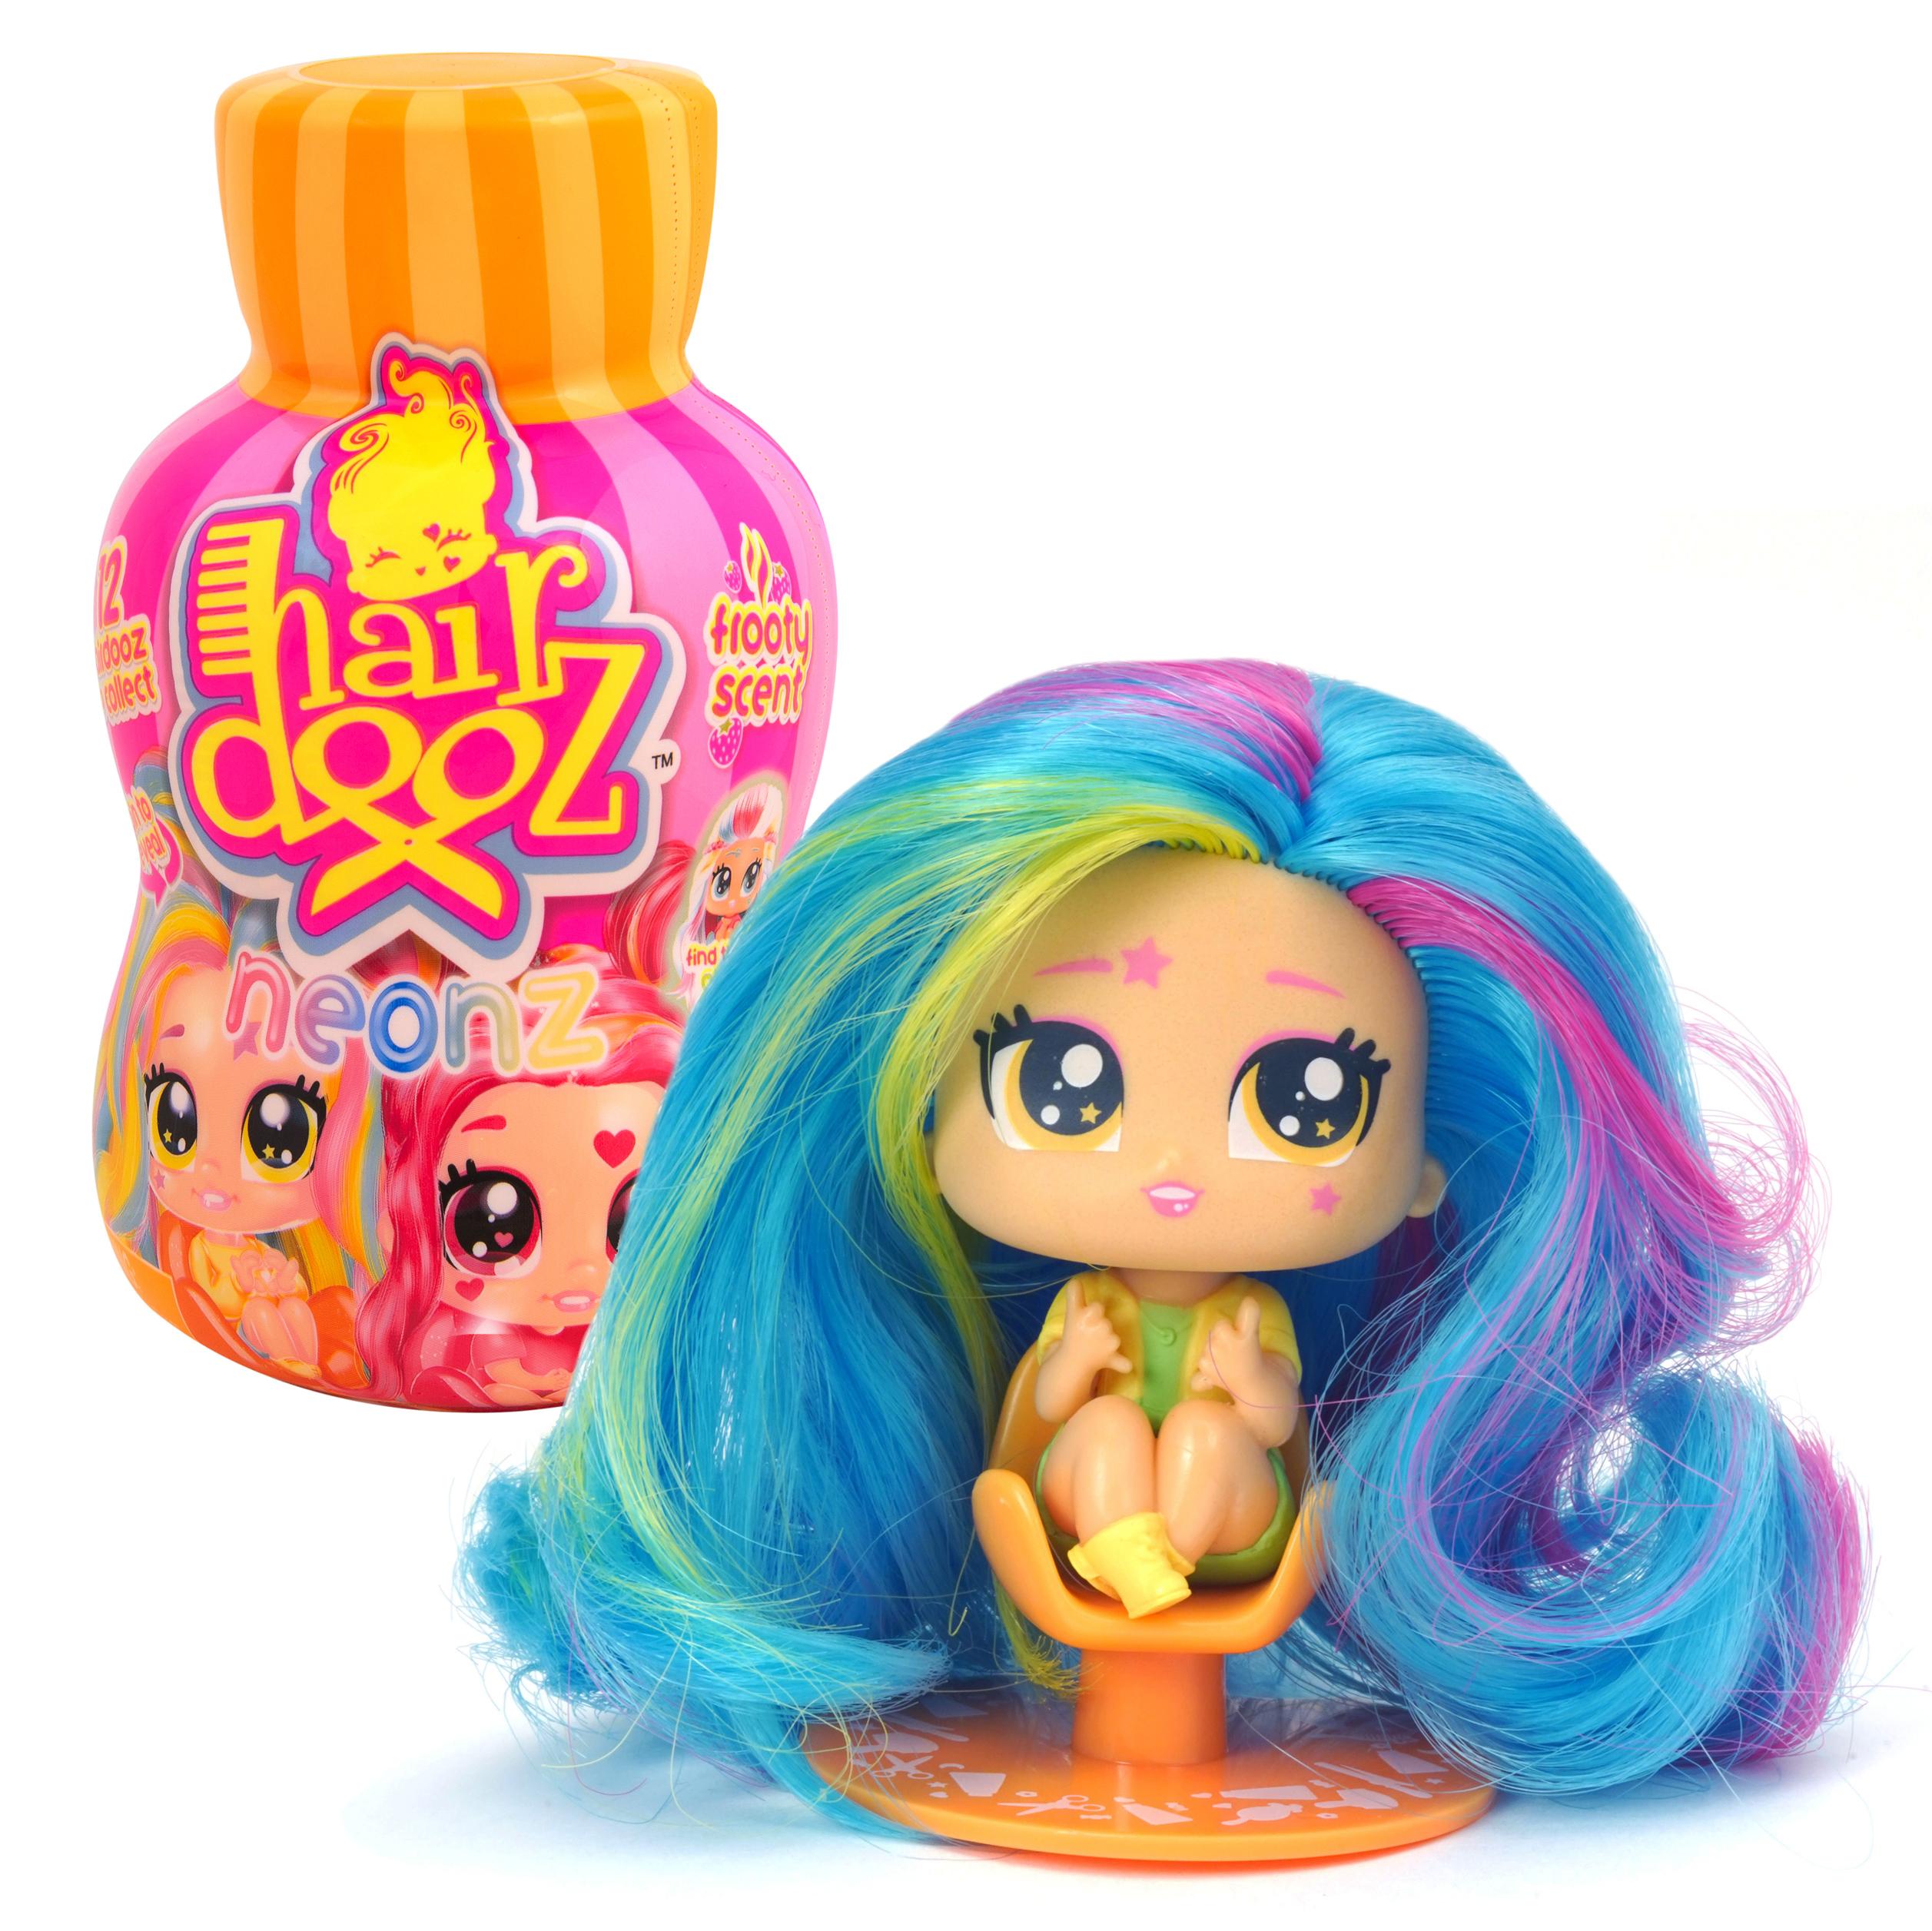 Hairdooz 37305 Хэардуз Игровой набор Куколка Неон в парикмахерской с аксессуарами (в ассортименте)